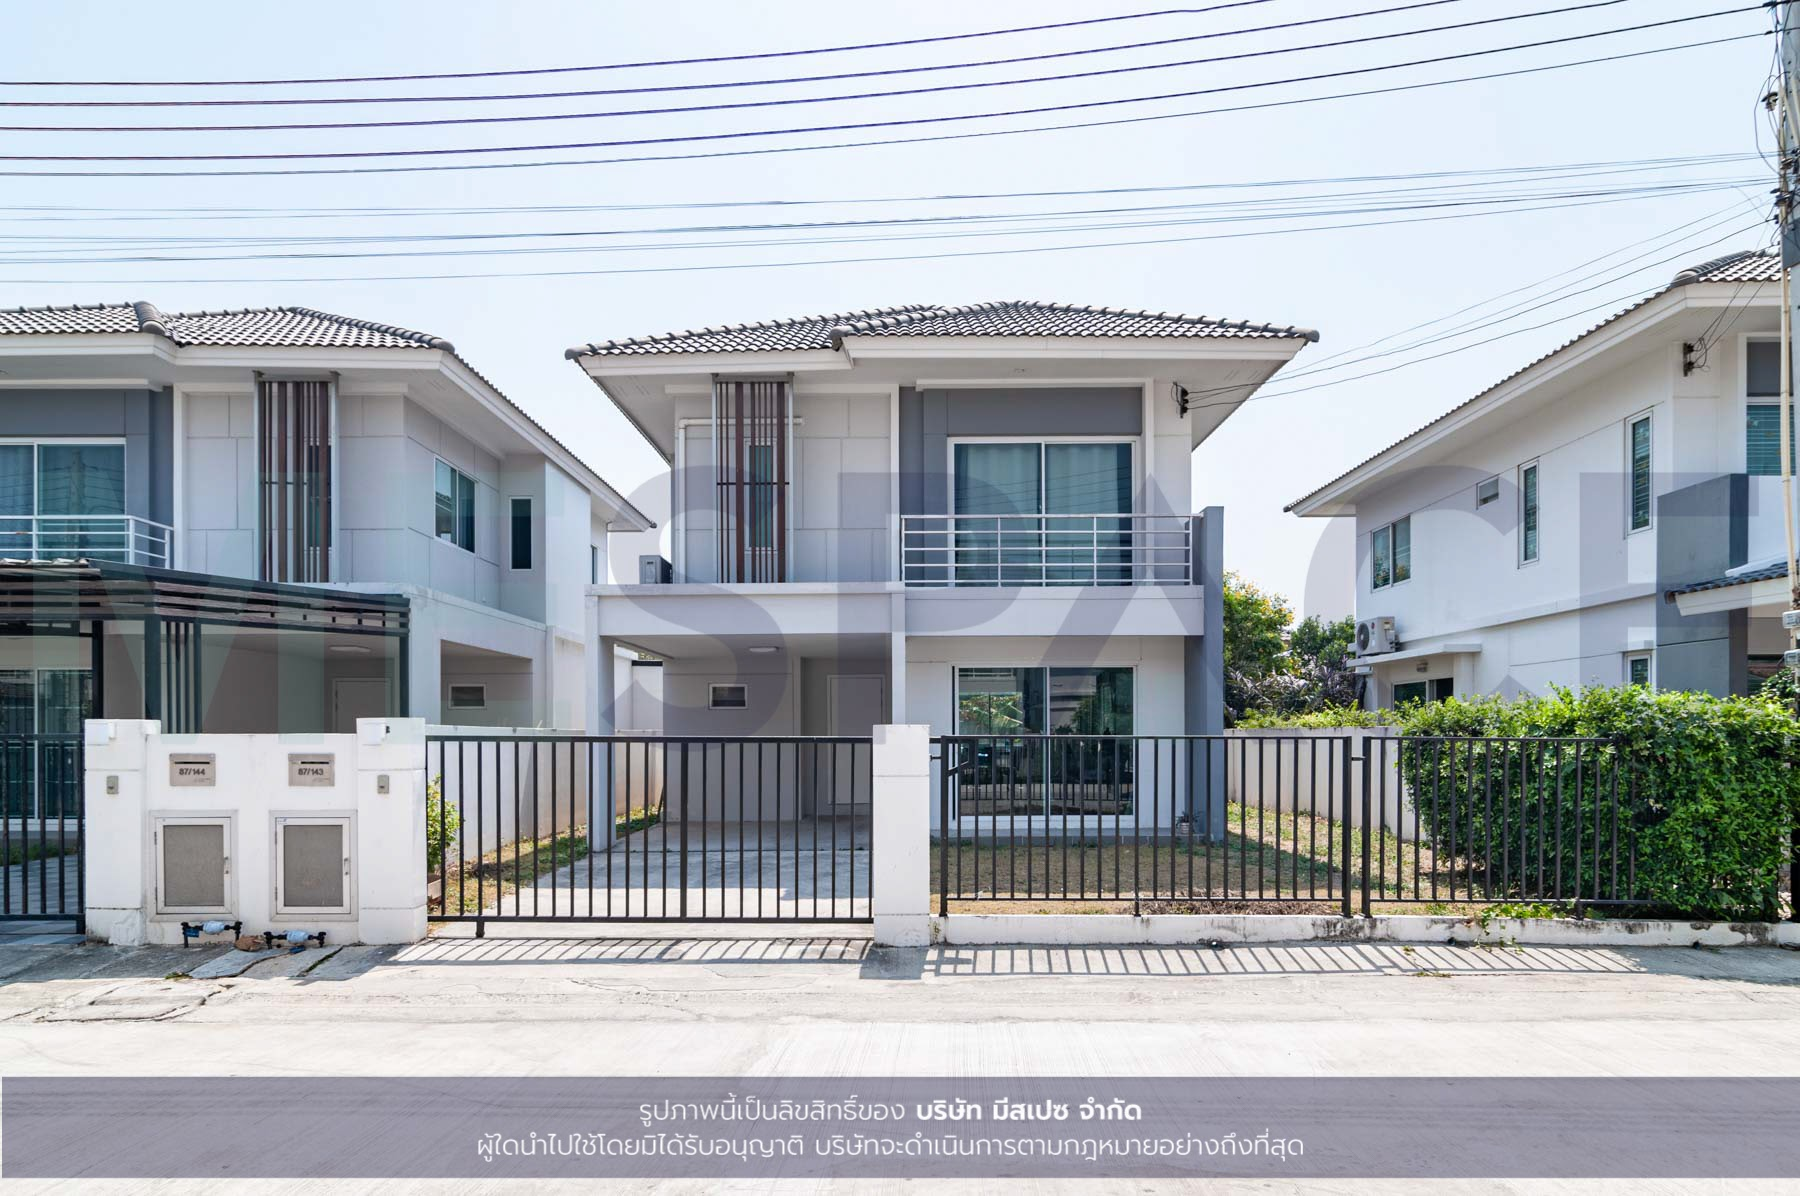 (Mespace ID: 2866) บ้านพฤกษานารา หนองมน ชลบุรี 2